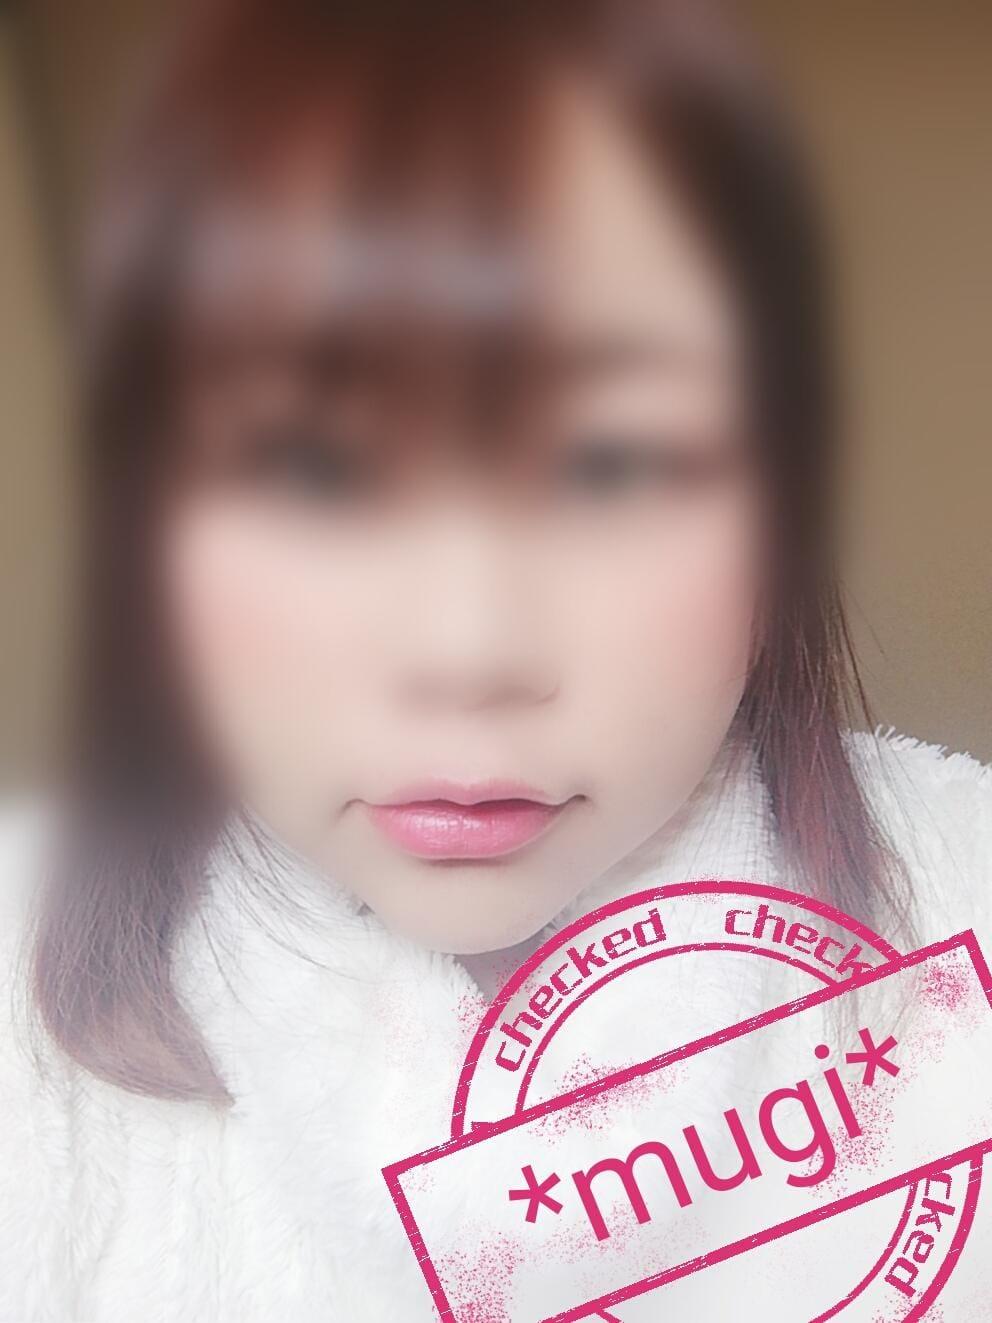 「おはよ(*´ω`*)」11/18(日) 10:12 | むぎちゃんの写メ・風俗動画